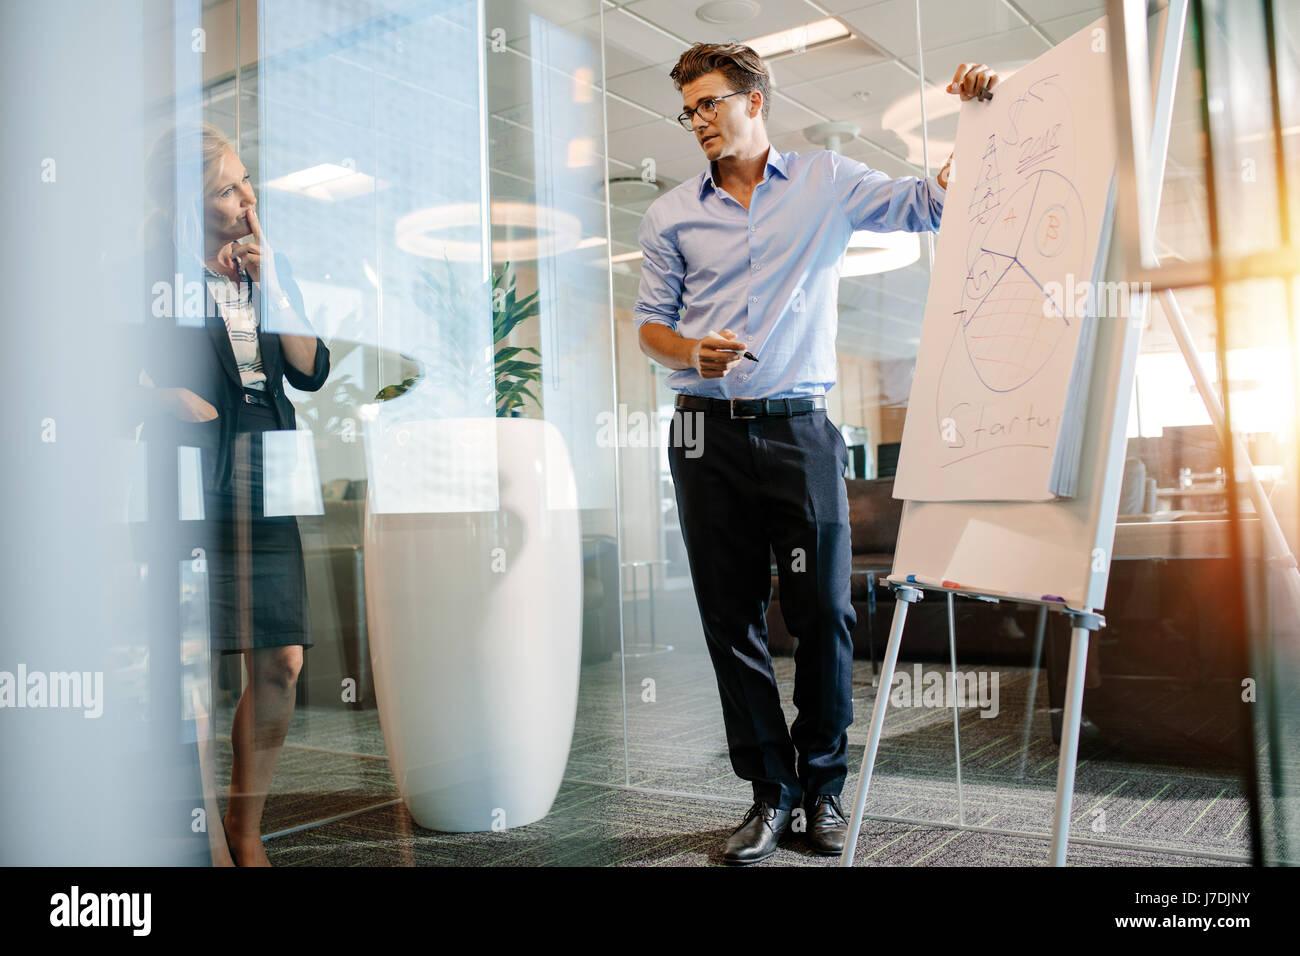 Office worker standing près de tableau de conférence avec schéma. Mature businessman donnant une Photo Stock